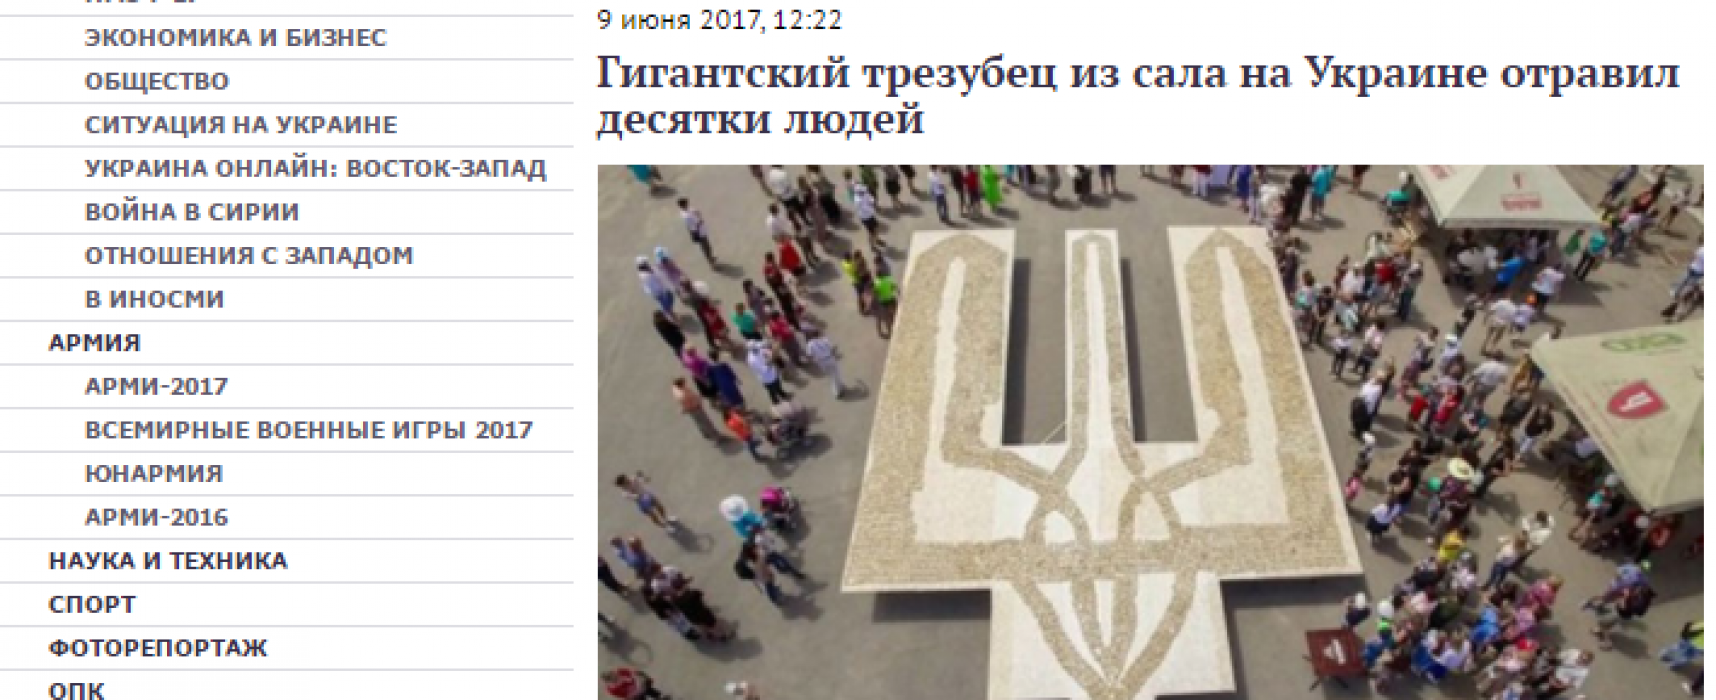 Comment des médias russes ont diffusé puis réfuté un fake sur un empoisonnement au lard